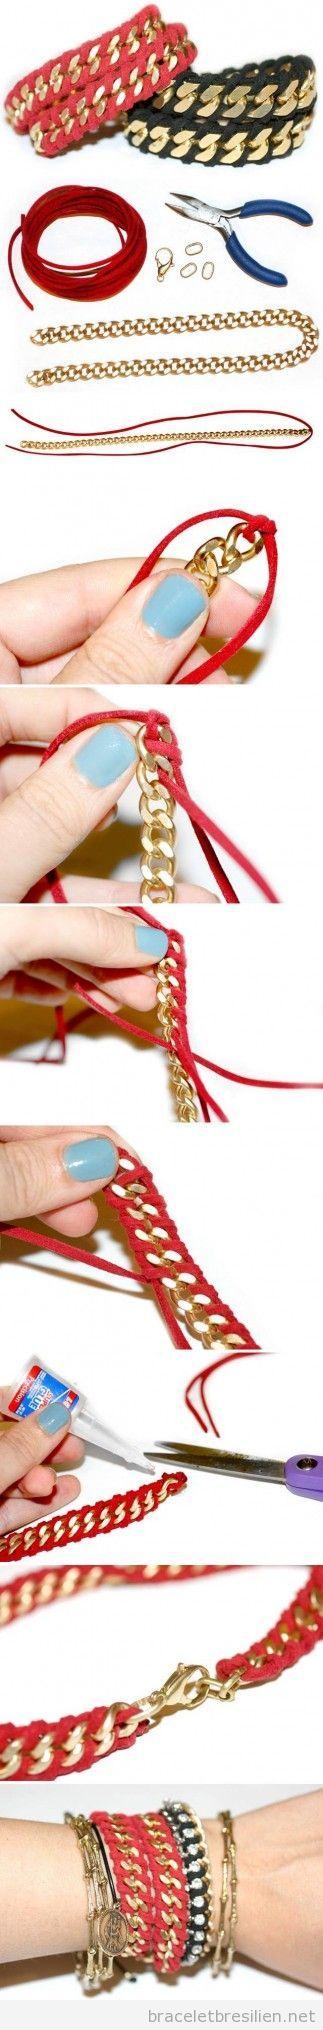 Tuto, bracelet DIY pas a pas fabriqué avec chaines et fil queue de rat